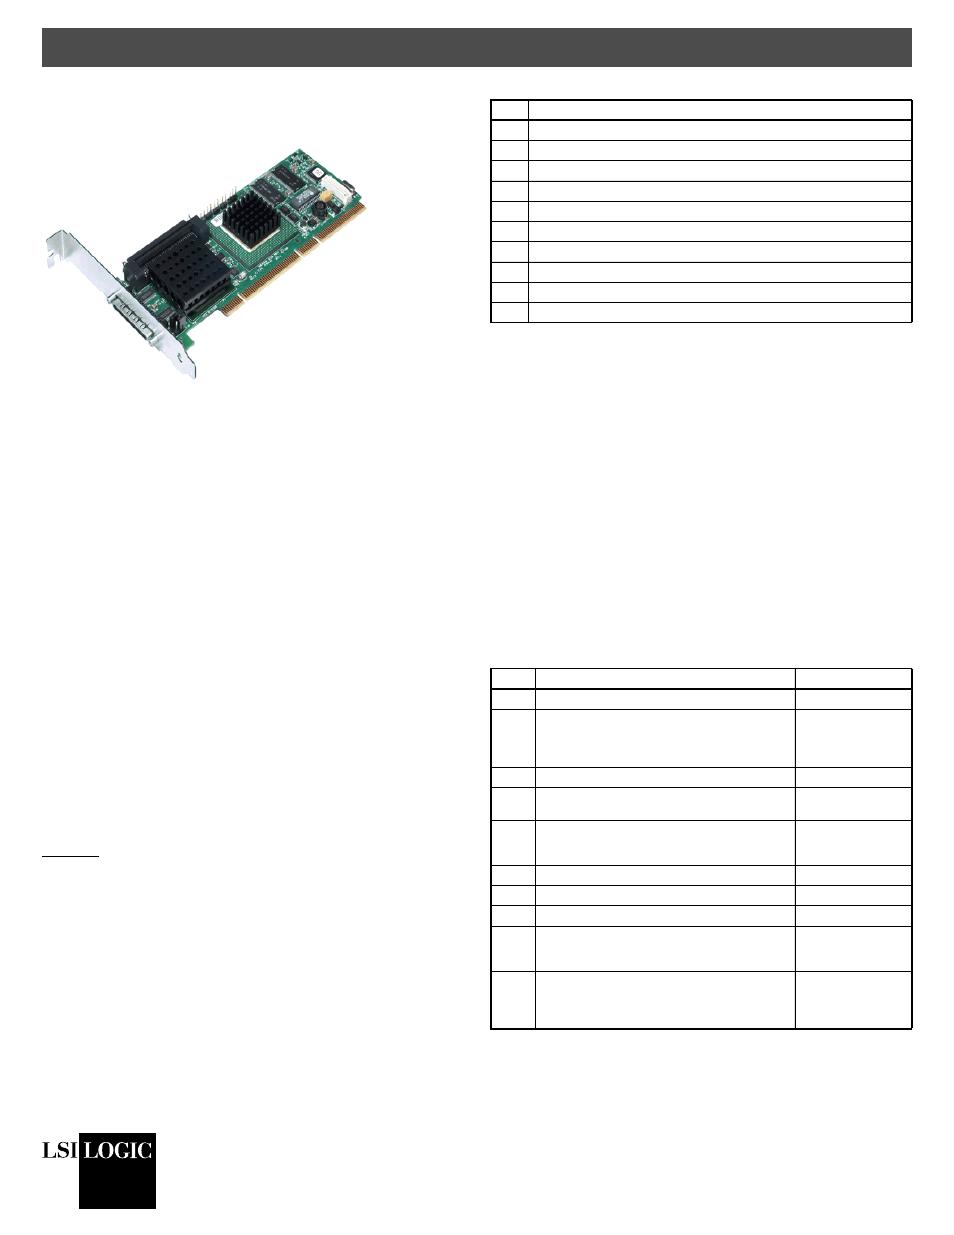 Avago Technologies MegaRAID SCSI 320-1 (520-1 CH) User Manual | 3